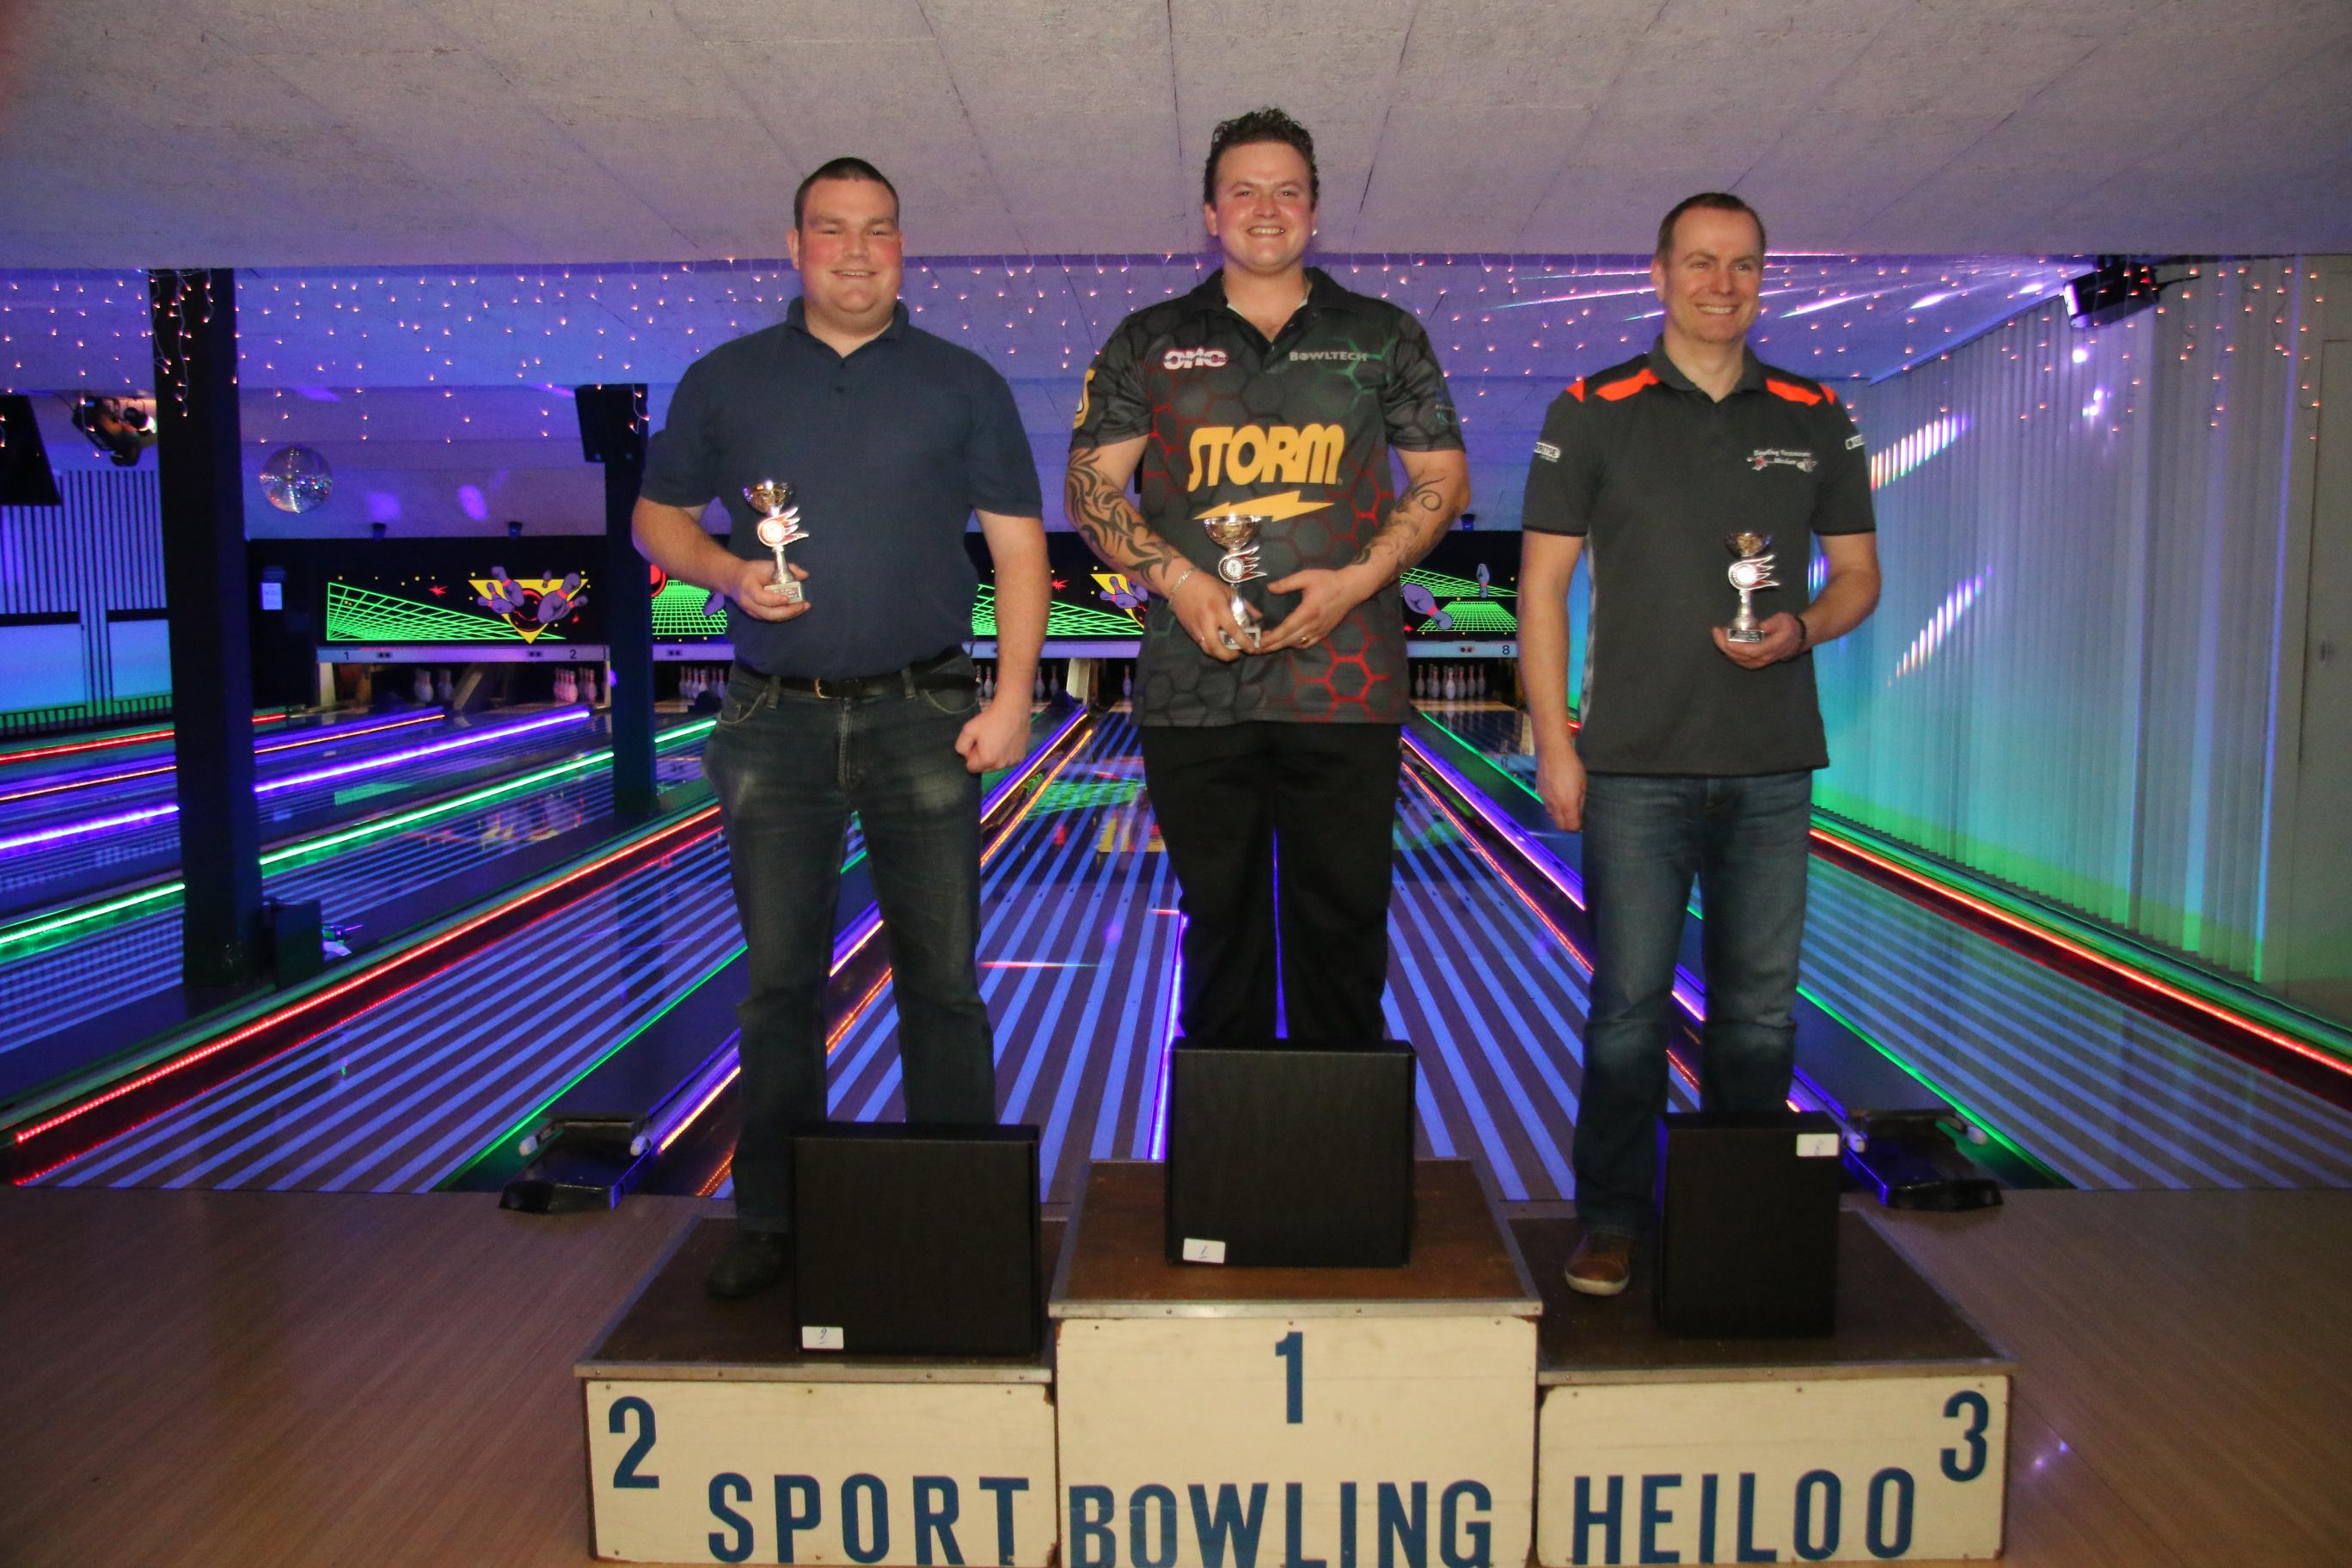 http://www.bowlingverenigingheiloo.nl/fotos_verhalen/foto's/2016_1222-Kerst-Heren-A.jpg